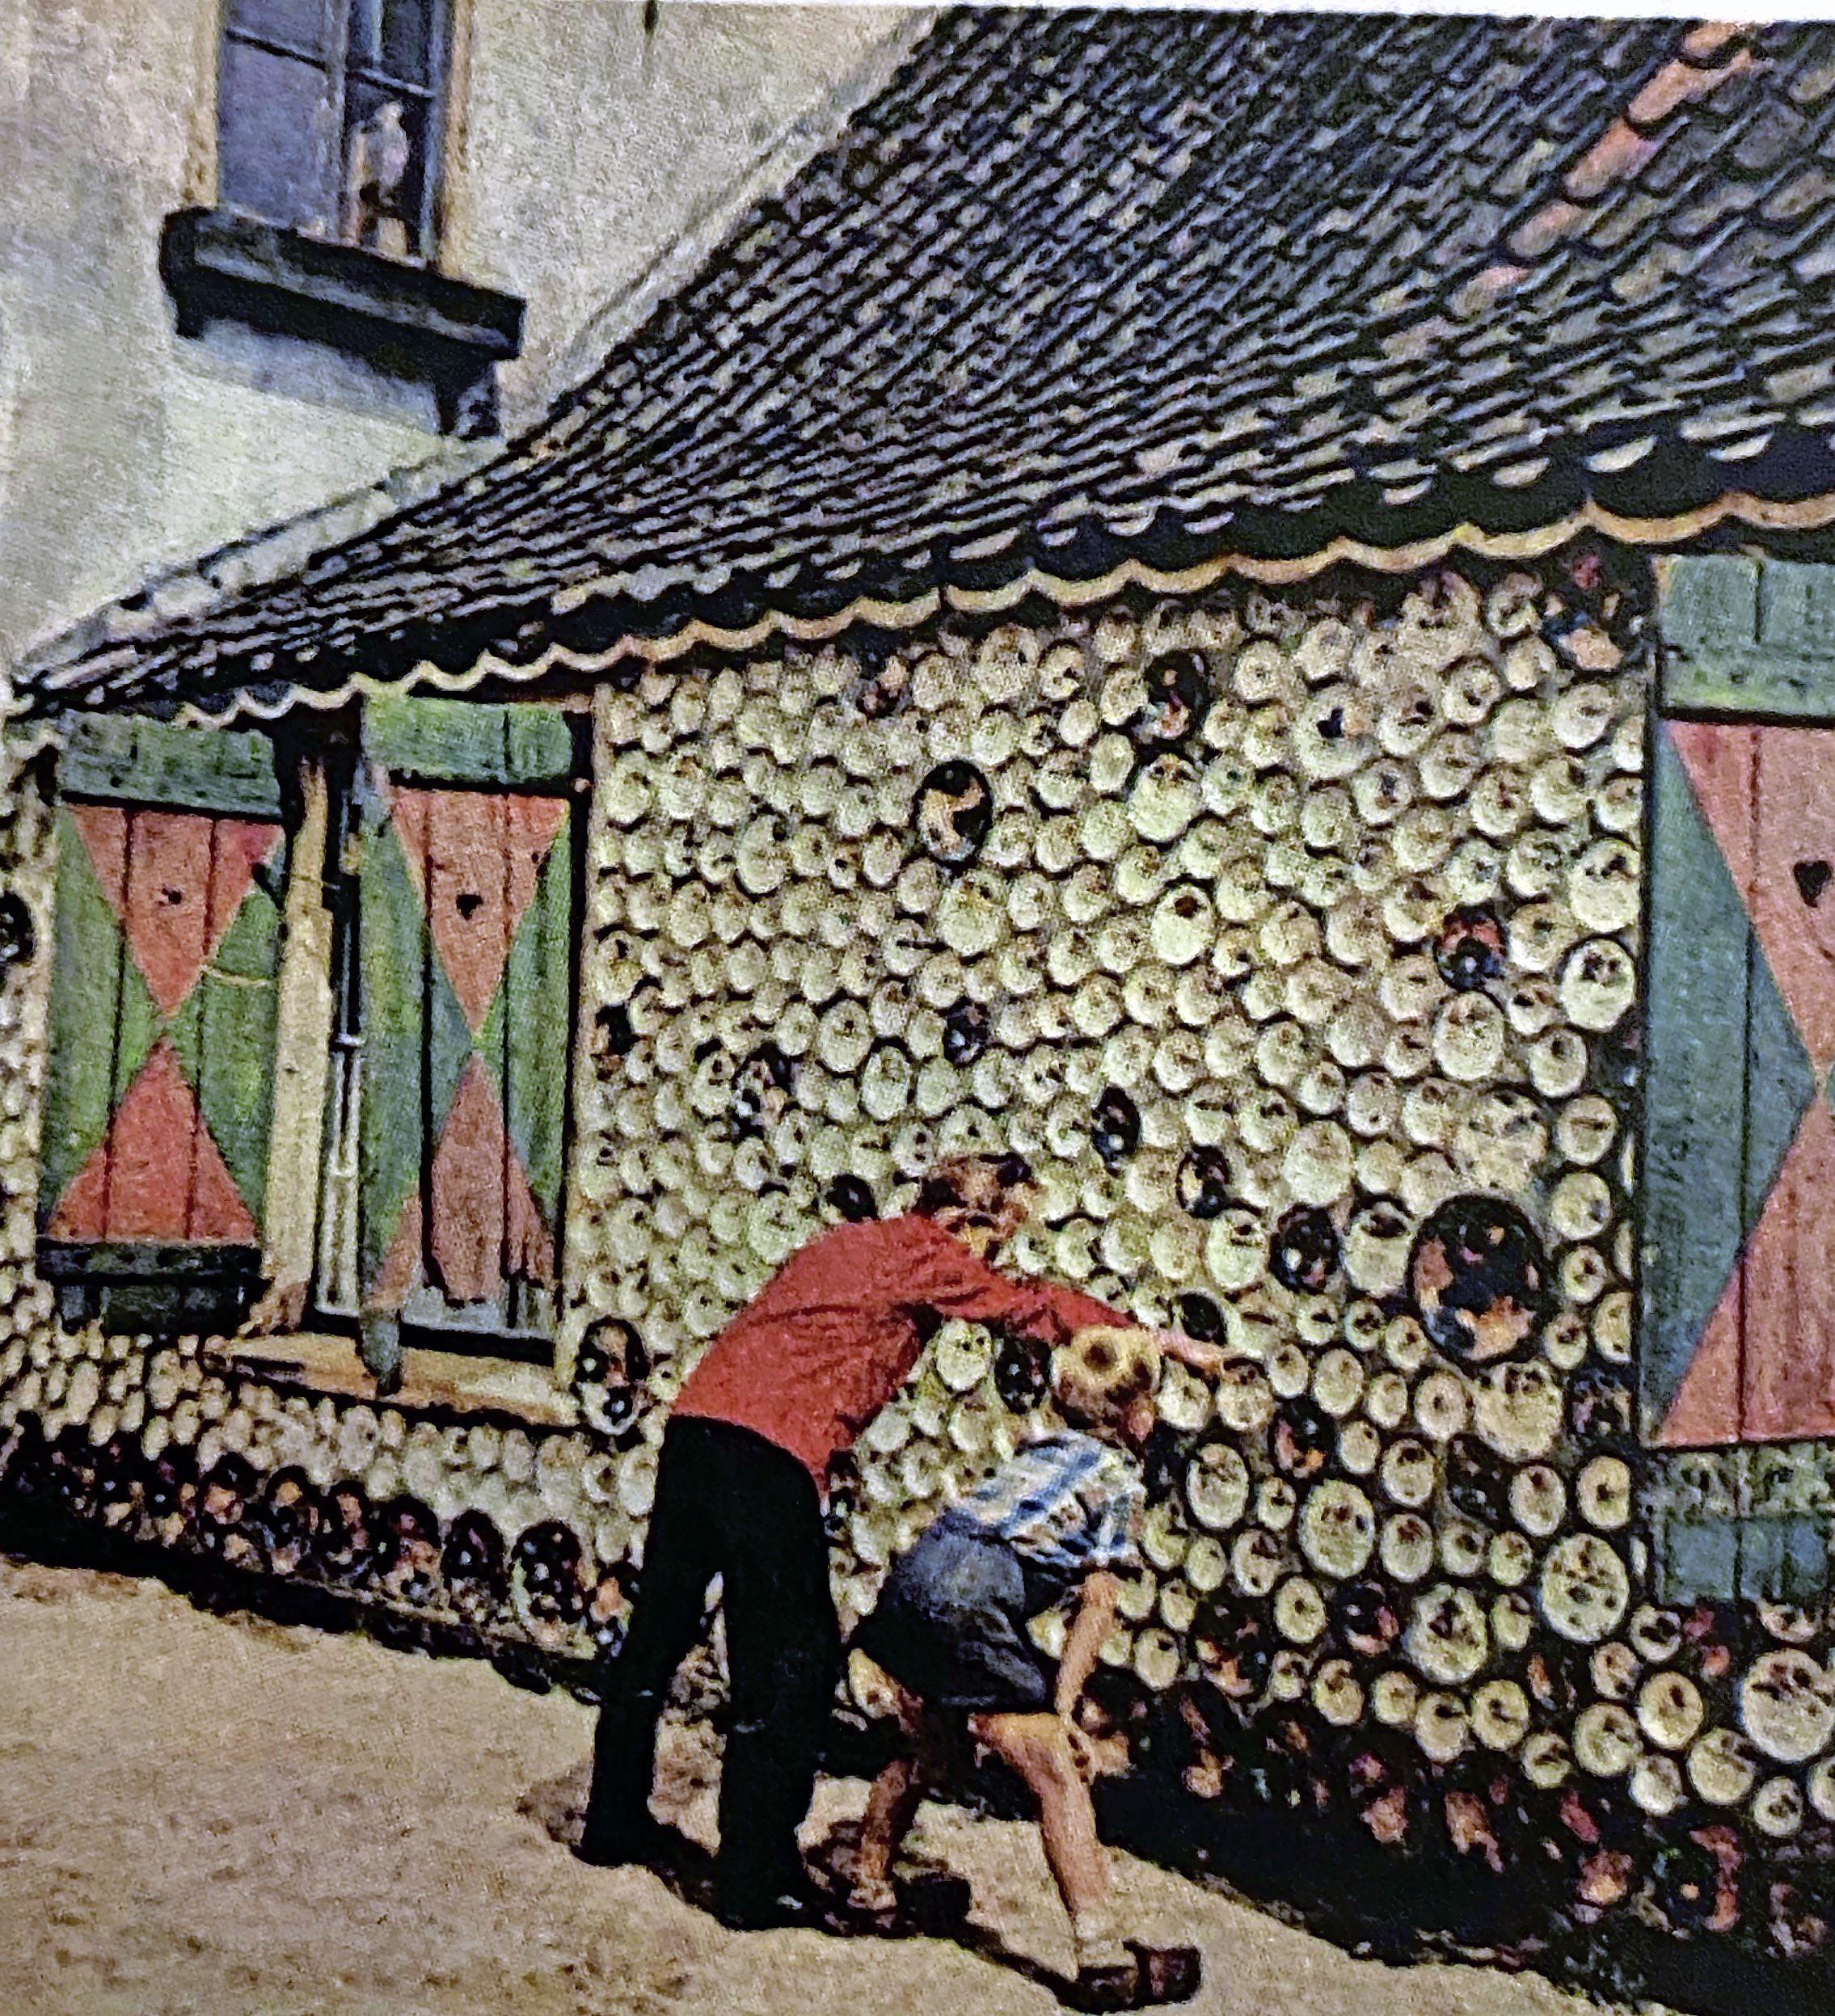 Nog altijd legendarische Spreukenhuisje alweer vijftig jaar verleden tijd: hoe een geintje van de VVV-directeur het dorp Soest zijn toeristische attractie bezorgde